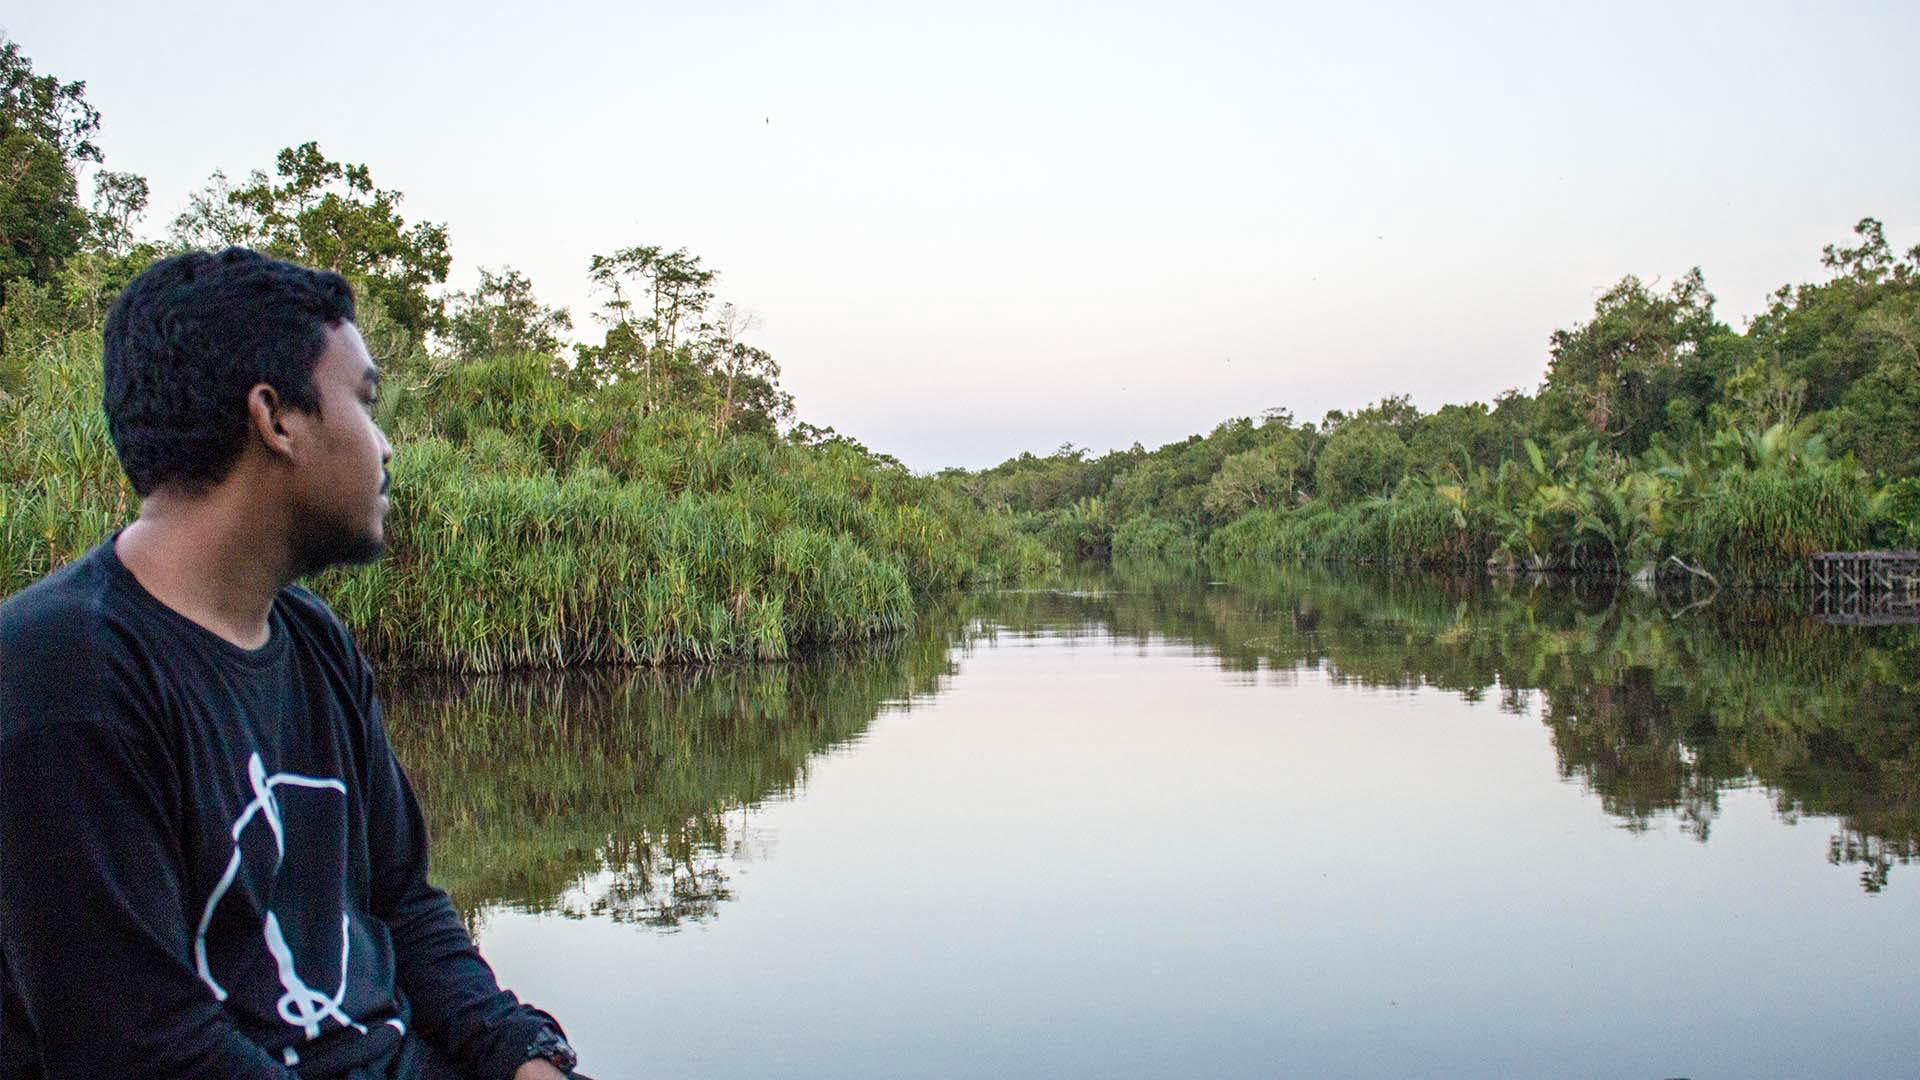 Nuestro guía Río navegando en el klotok en Borneo